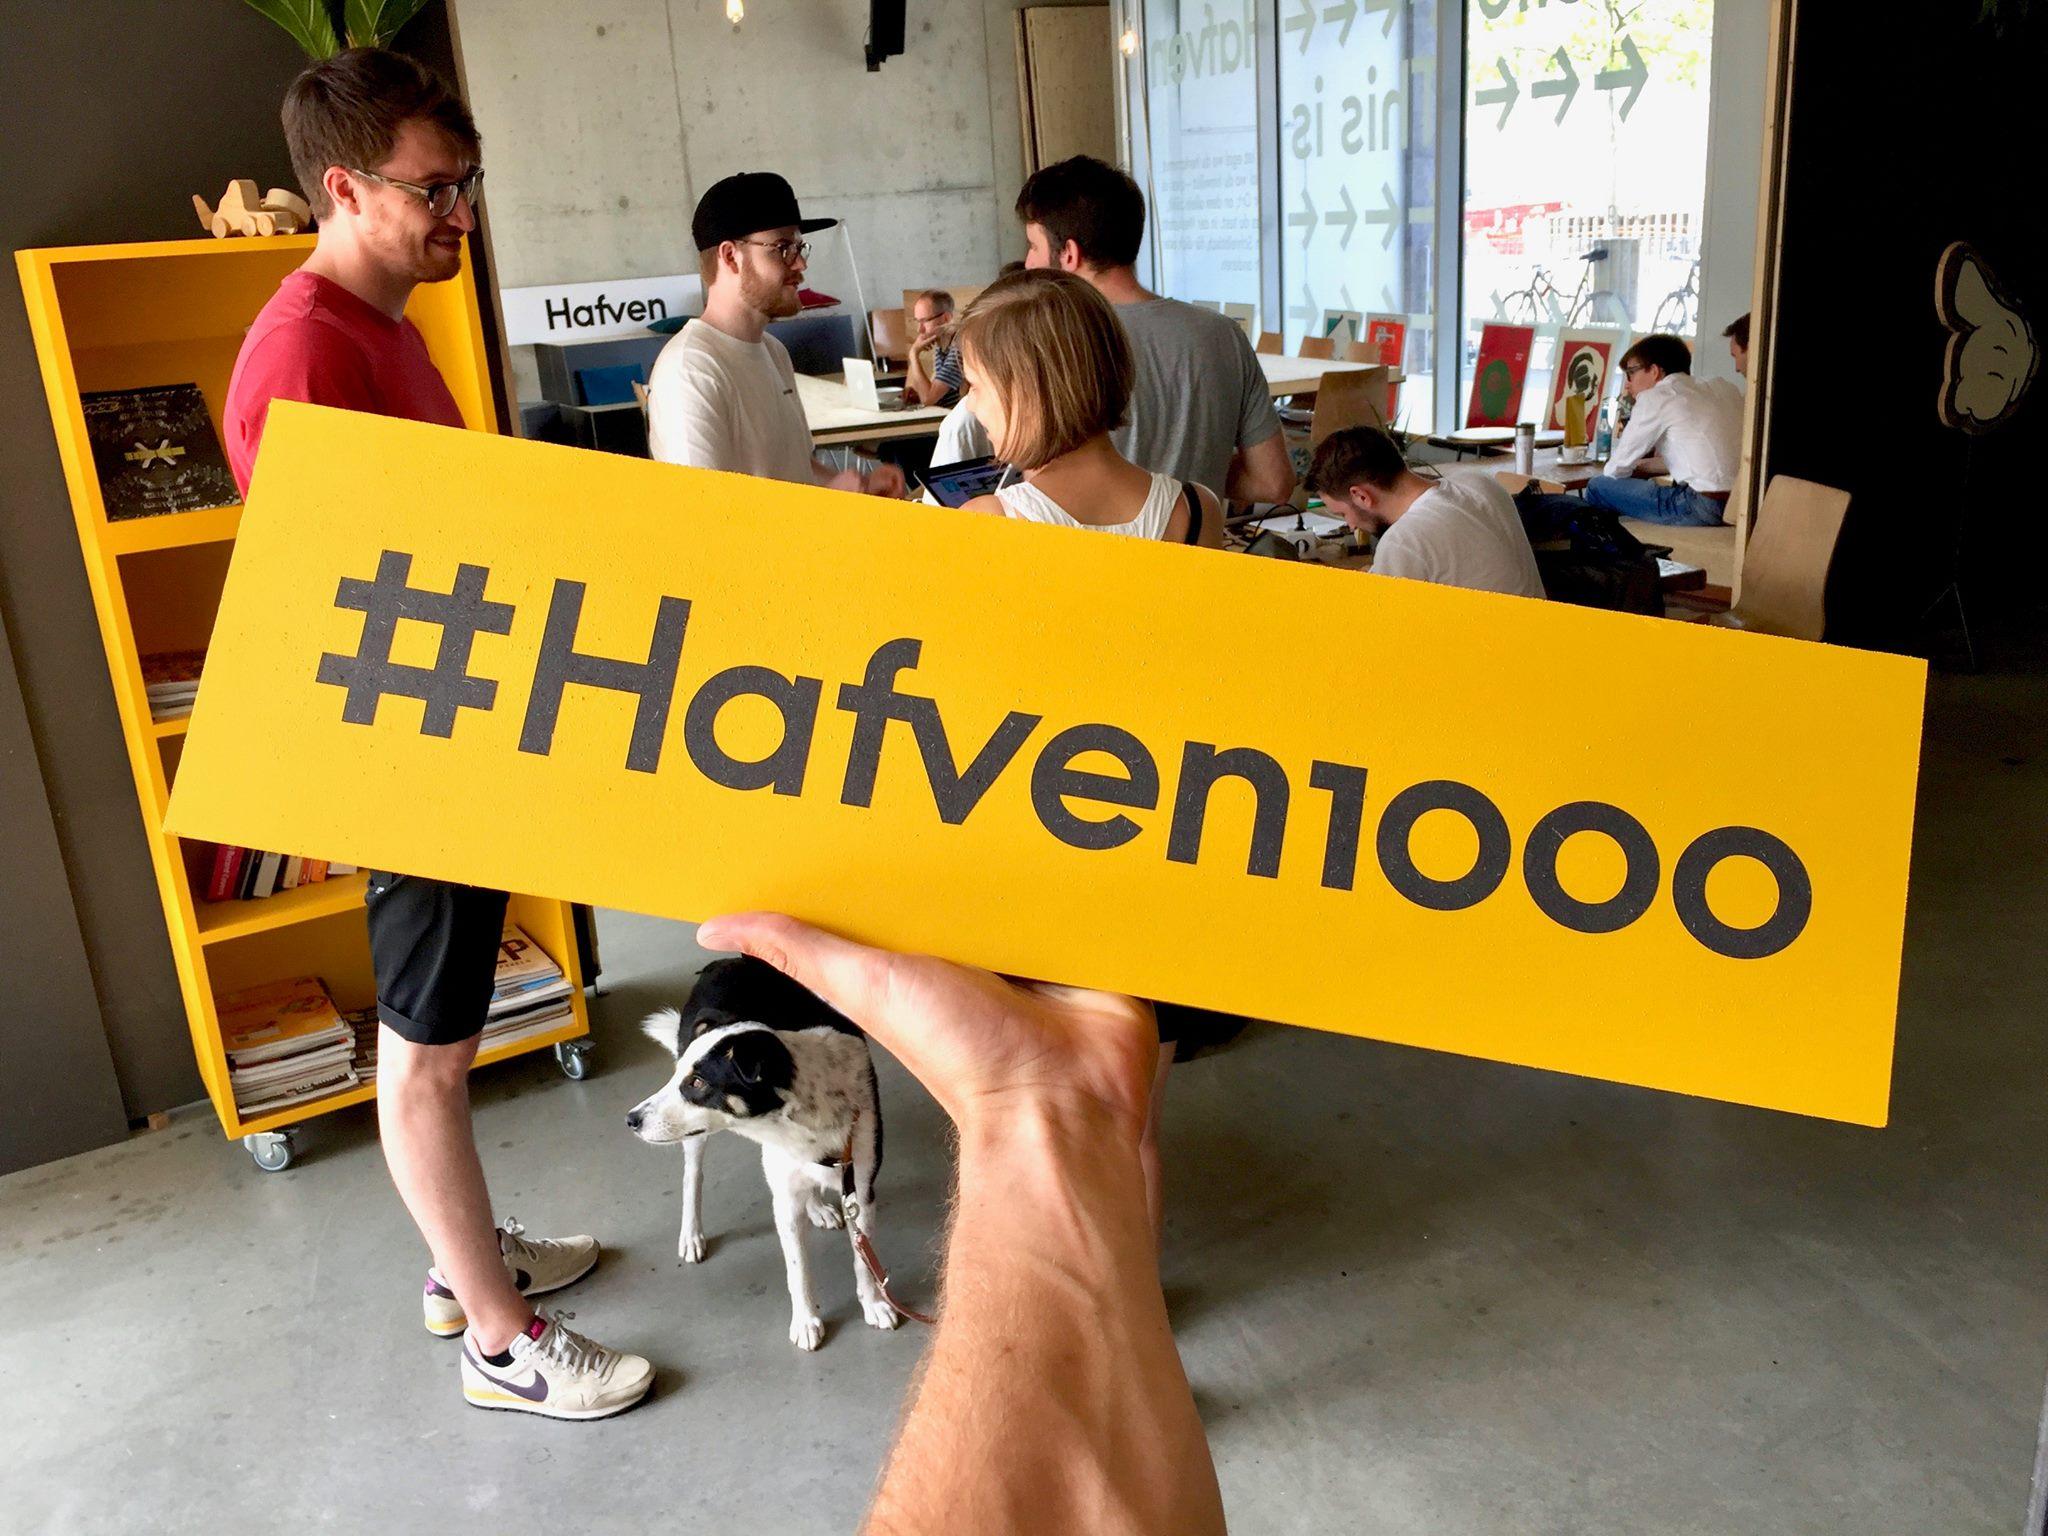 #Hafven1000 – Hunde nicht mitgezählt ;)